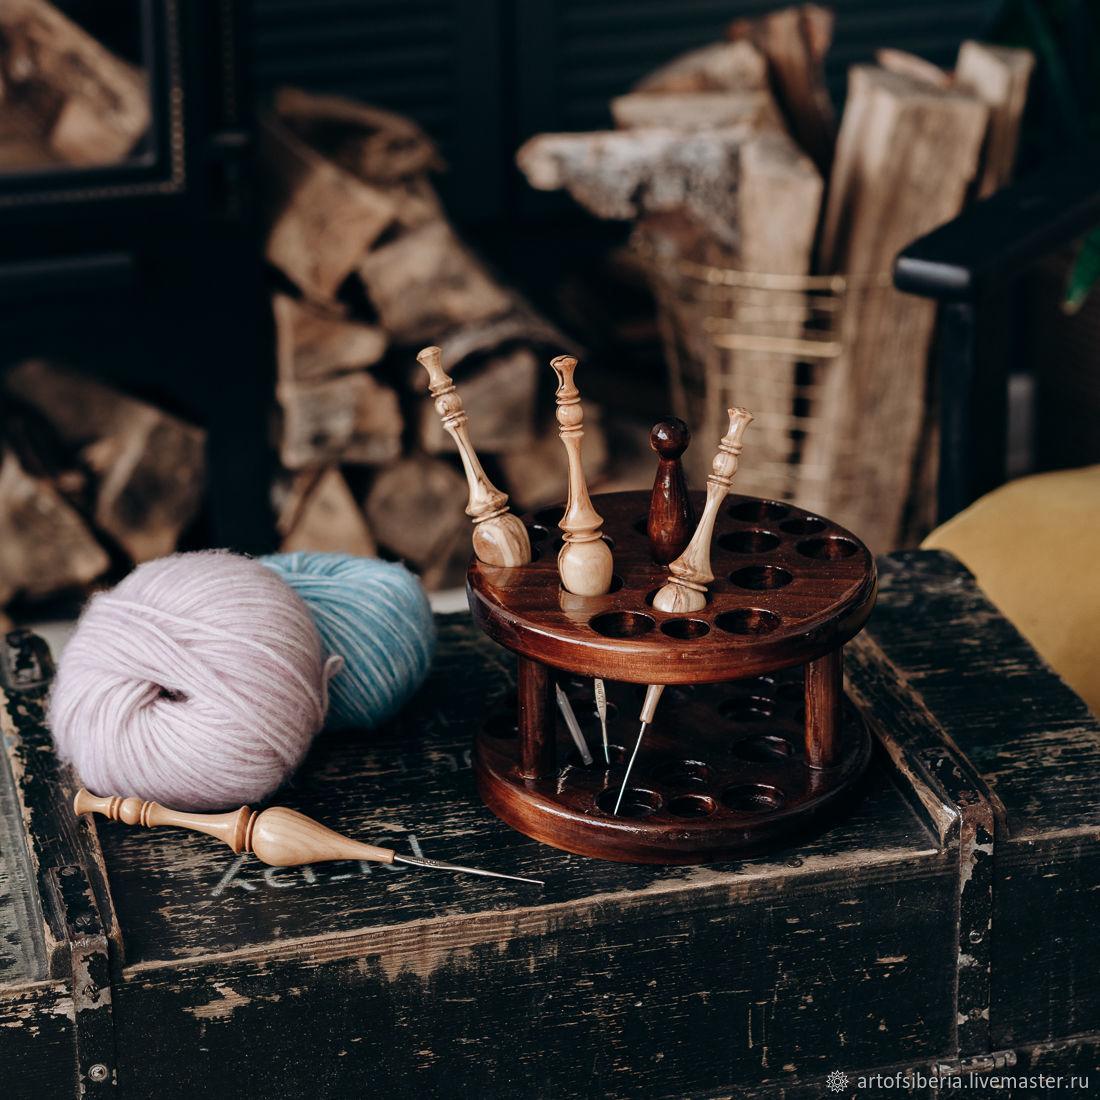 Органайзер для вязальных крючков (подставка) O1, Инструменты для вязания, Новокузнецк,  Фото №1